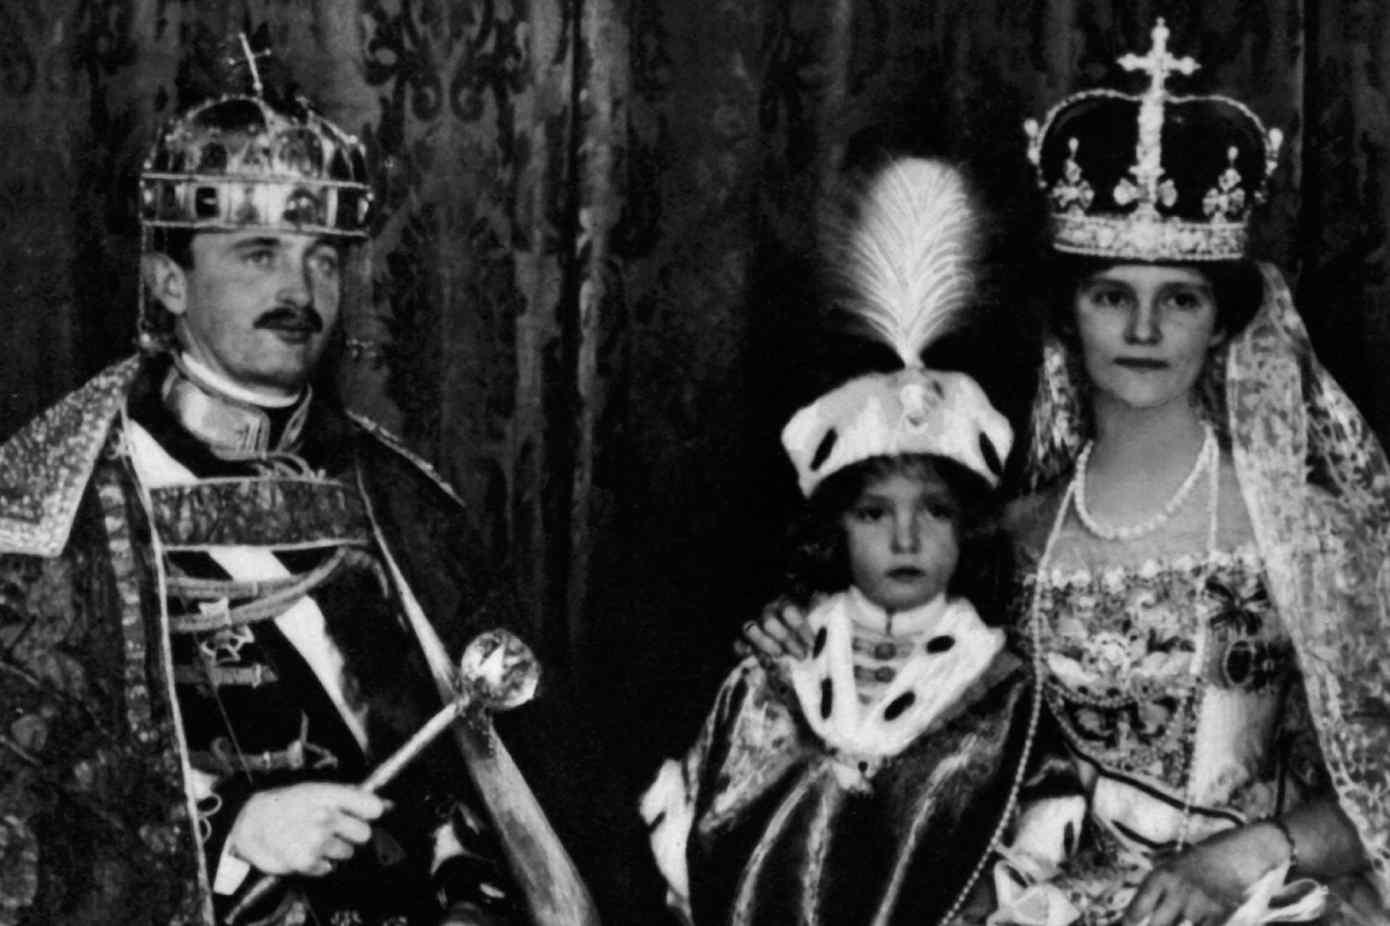 Boldog IV. Károly, a példás családapa, a béke harcosa